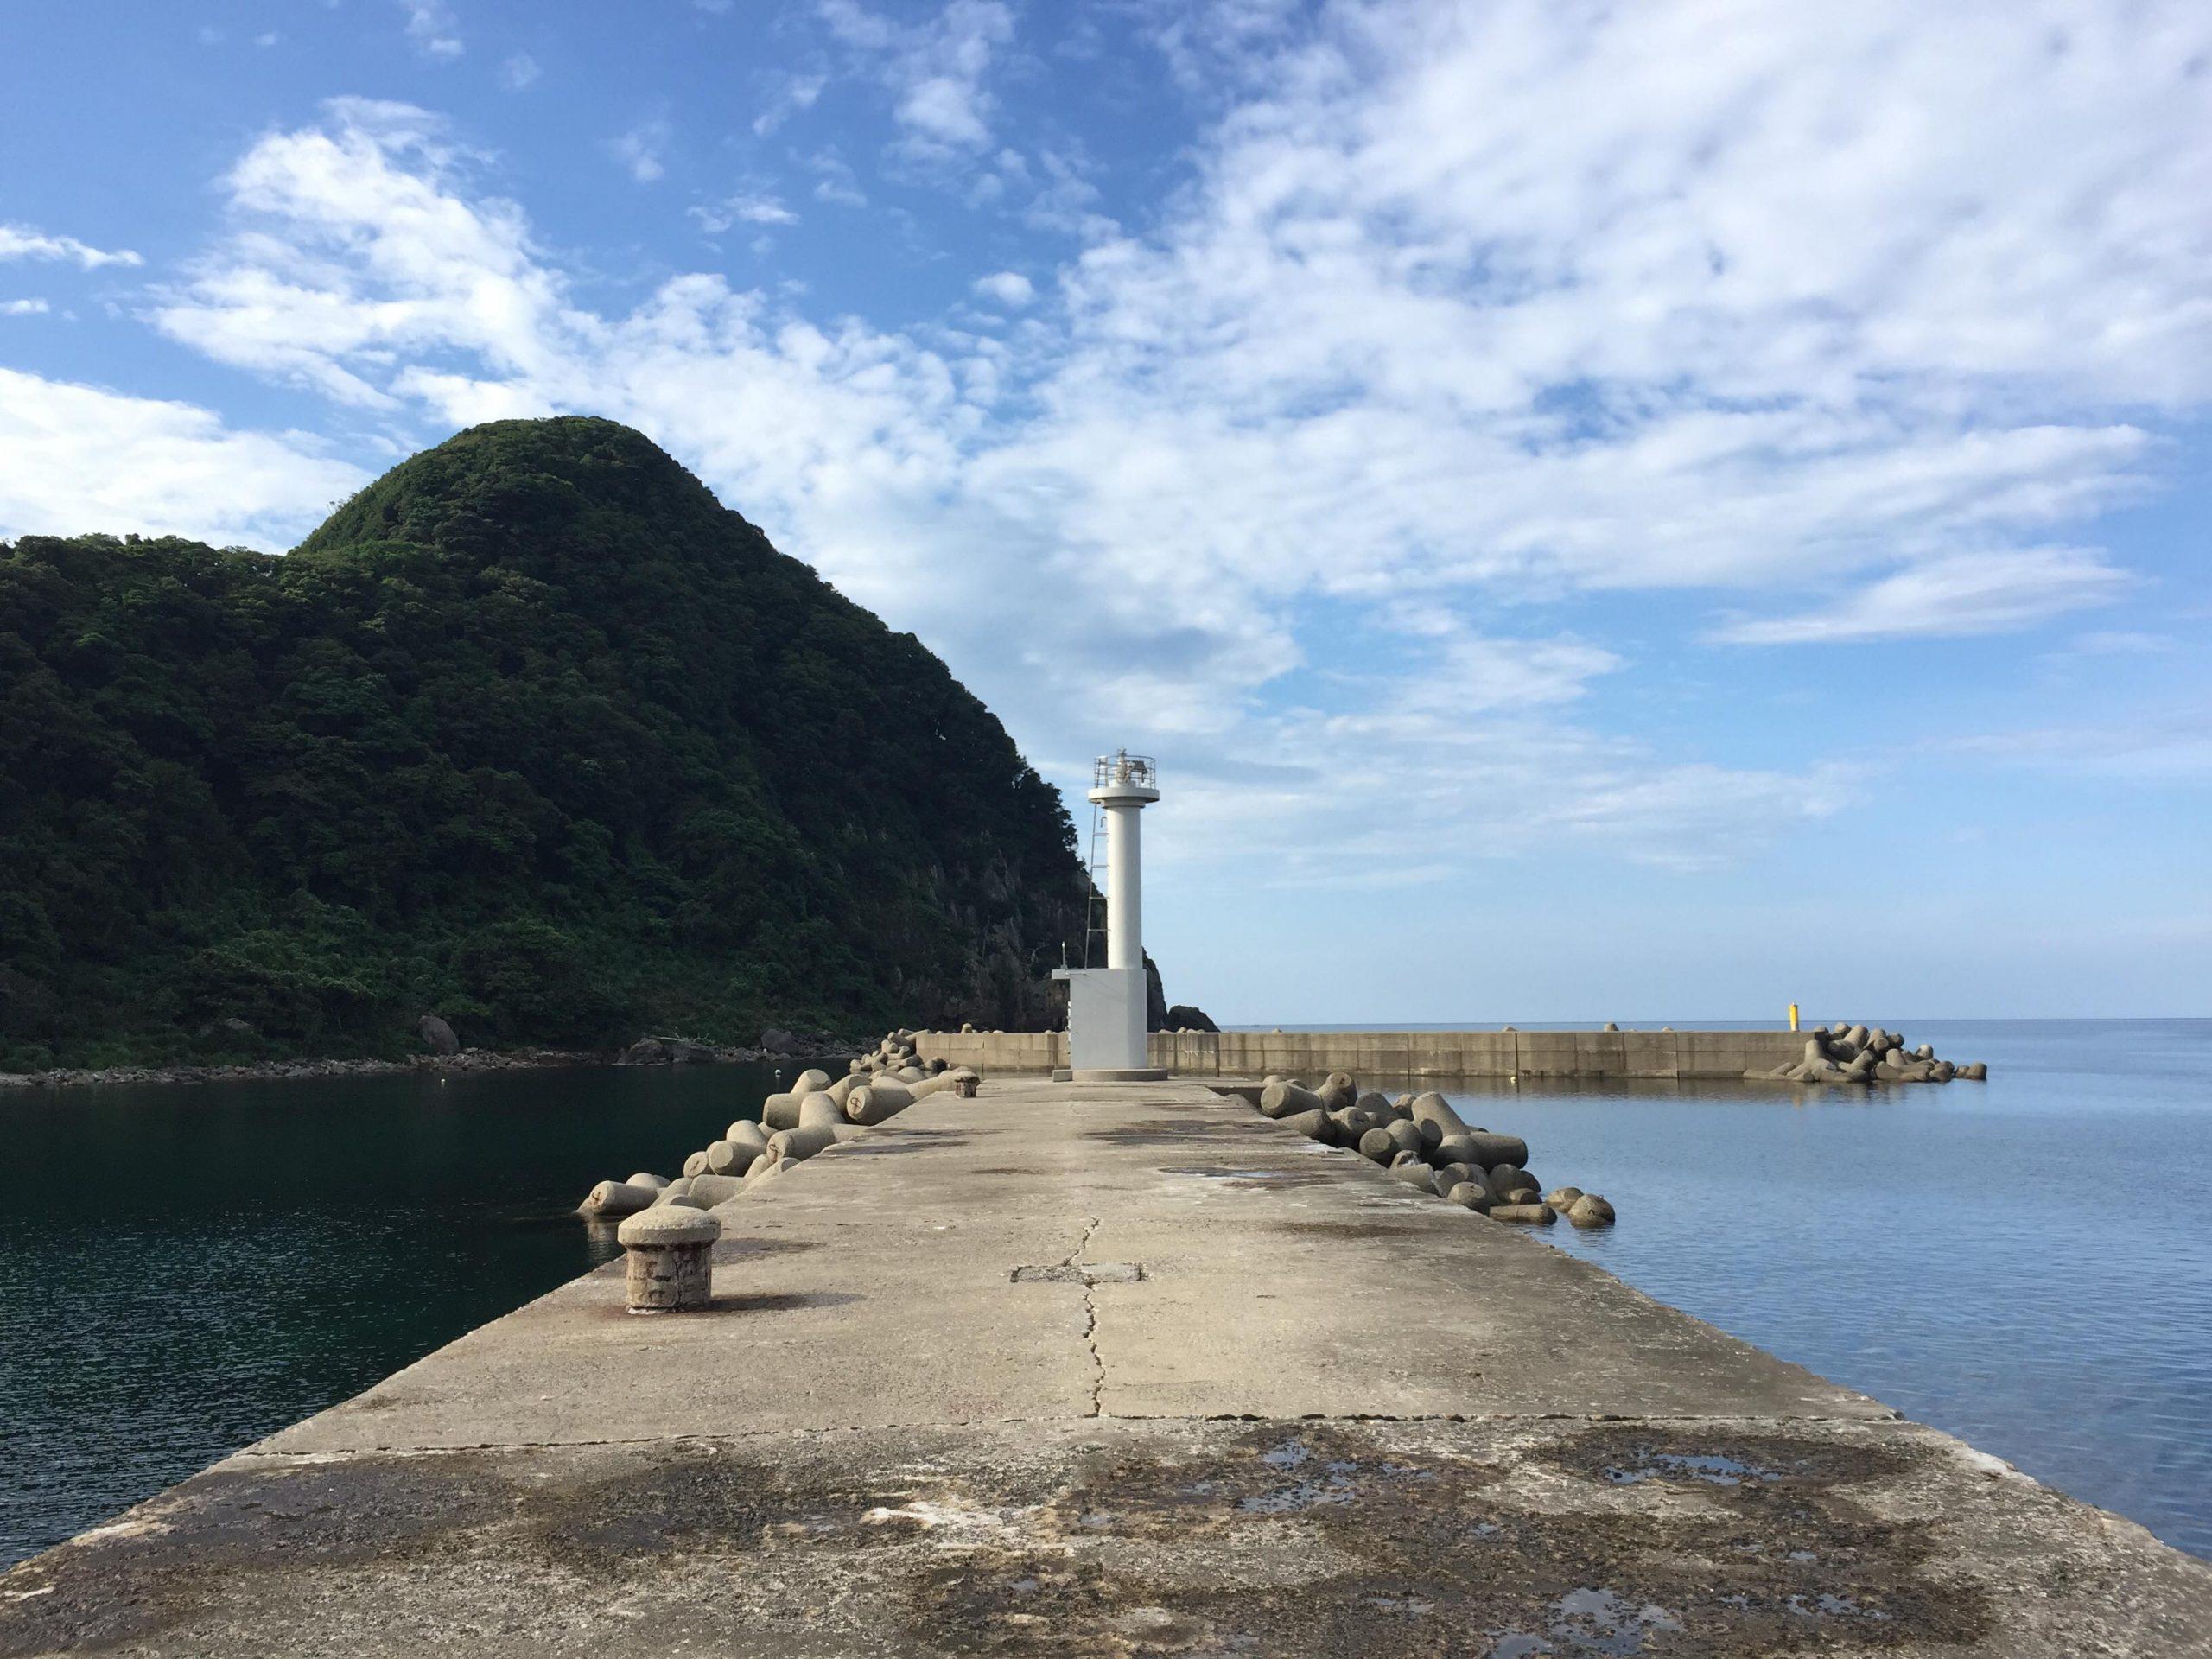 竹野港東防波堤灯台前